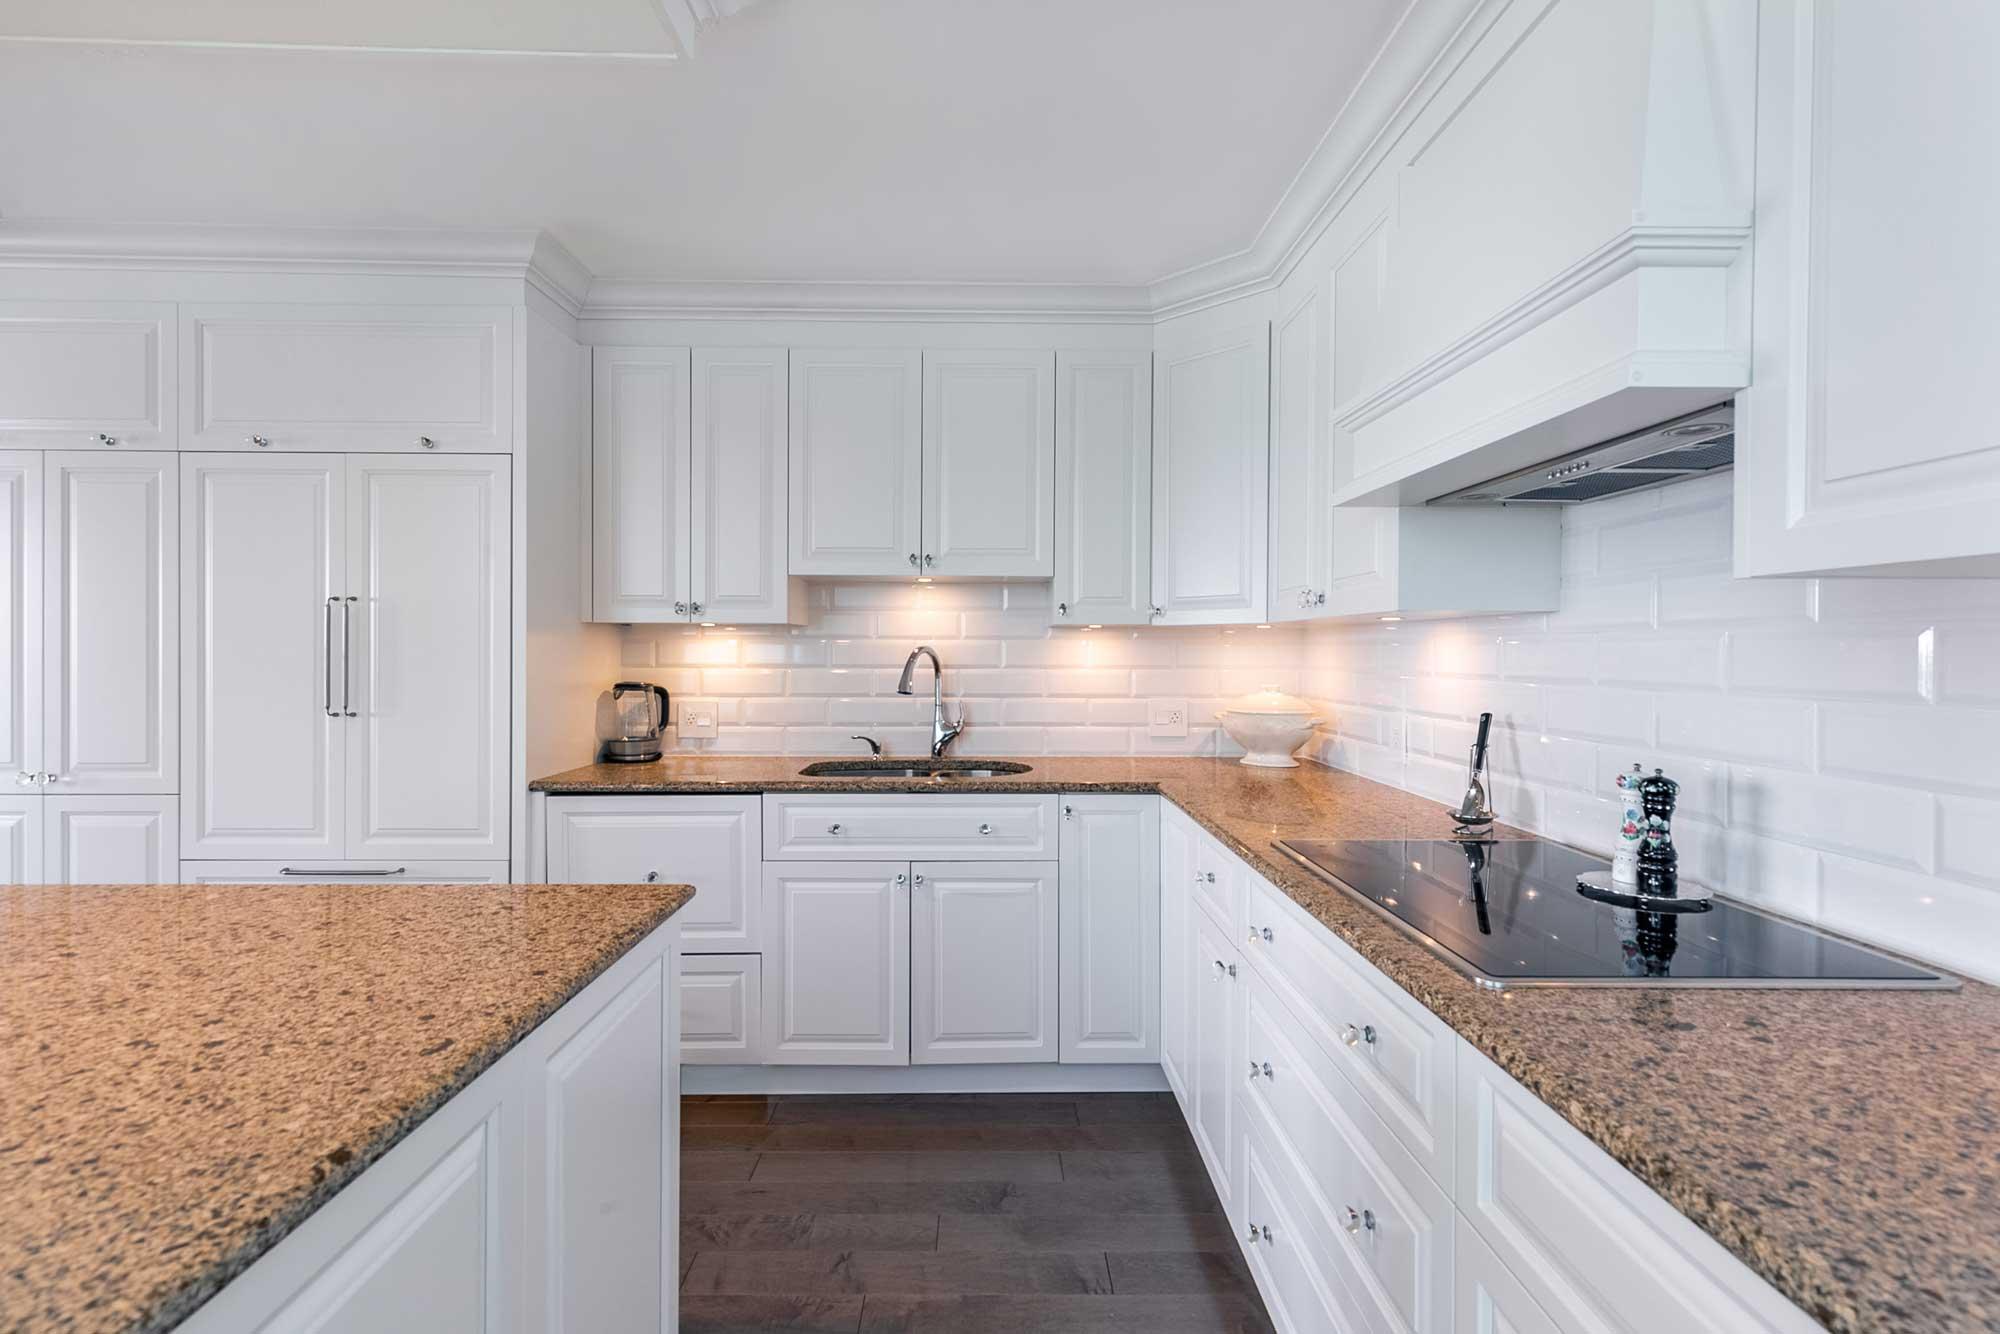 rénovation de cuisine classique blanche avec comptoir en granite